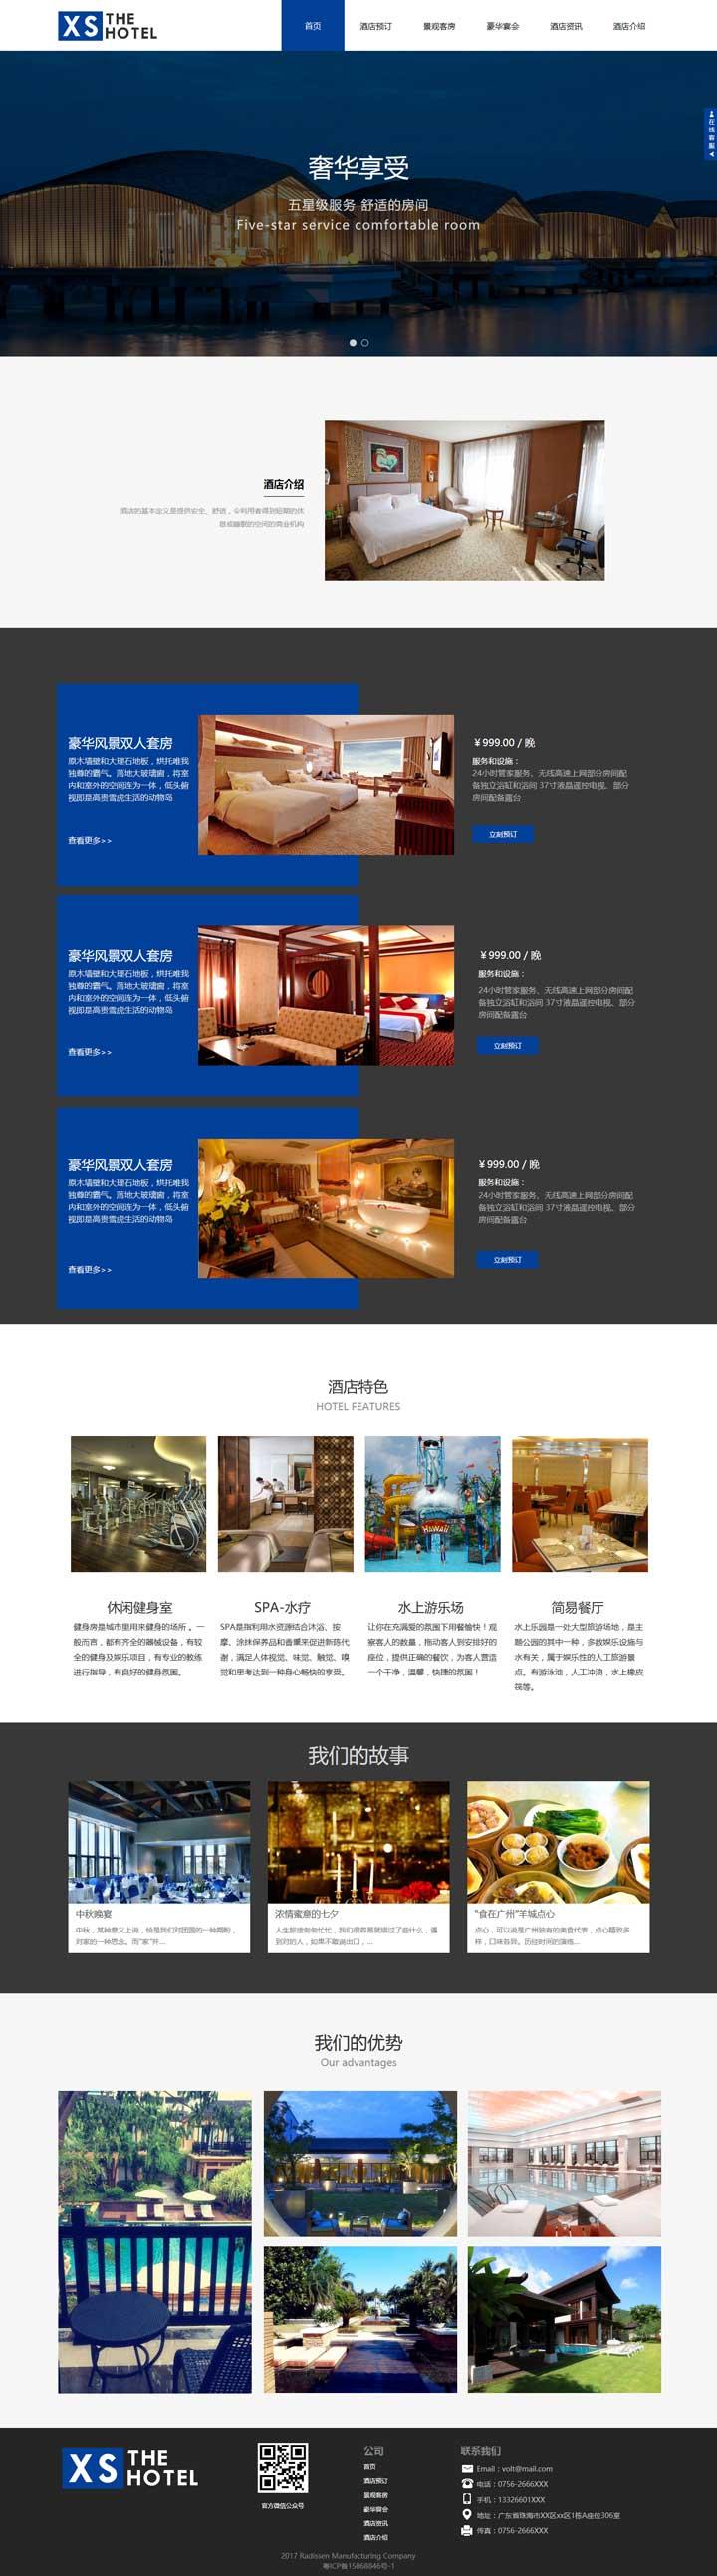 酒店展示模板类型